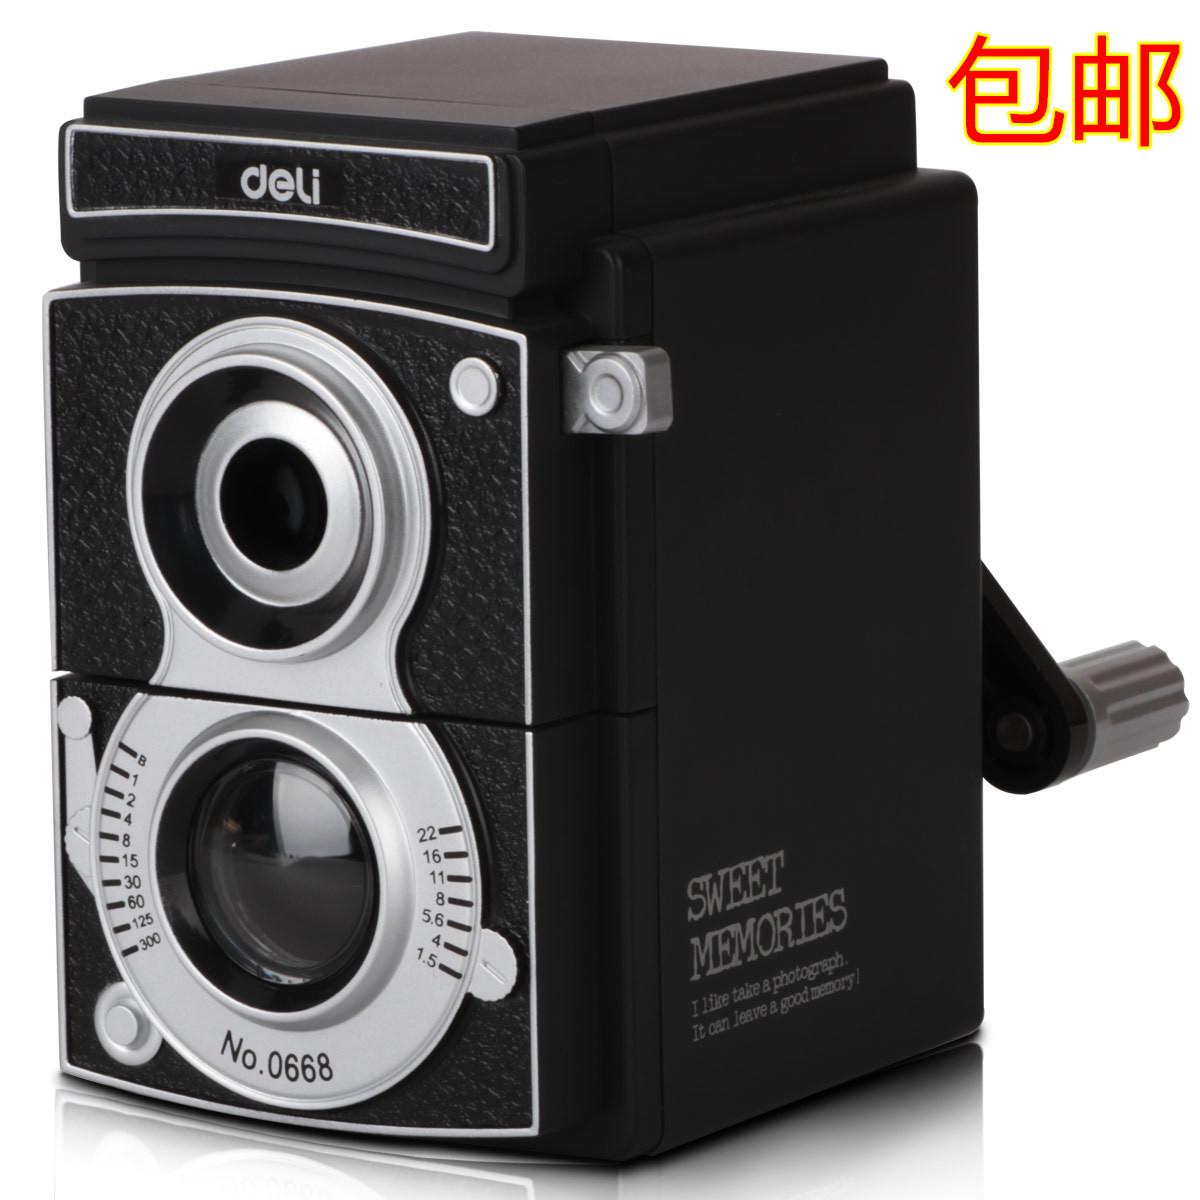 得力0668复古相机创意手摇削笔机